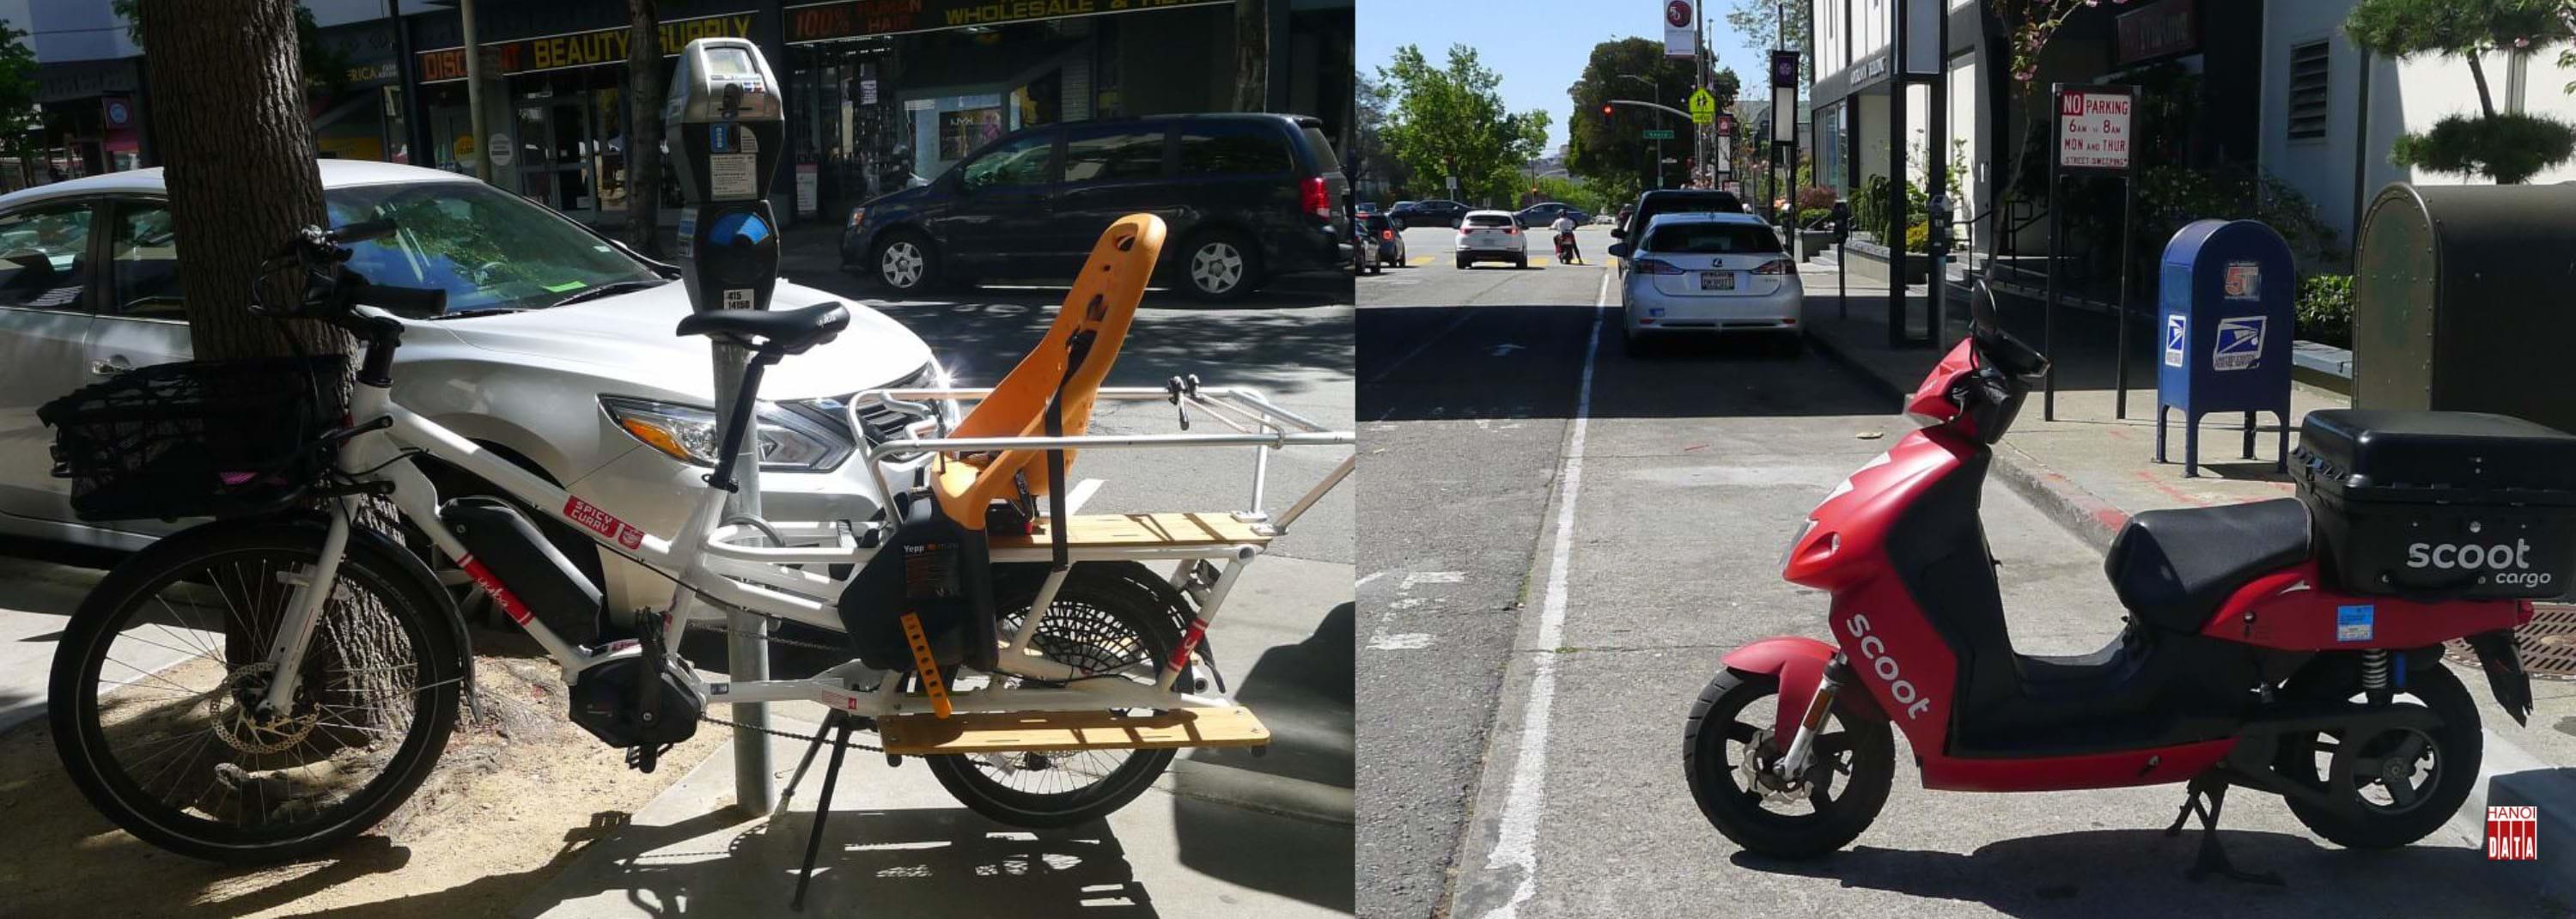 Tại  San Francisco (Mỹ): Bên cạnh cột thu phí đỗ xe tự động, một chiếc xe đạp trợ lực điện chở hàng và trẻ em được đỗ miễn phí trên vỉa hè. Bãi đỗ xe tự động hoàn toàn, không một bóng người quản lý. Chỉ vài dòng thông báo: ô tô và xe máy không dám đỗ vào giờ các xe vệ sinh  hoạt động.